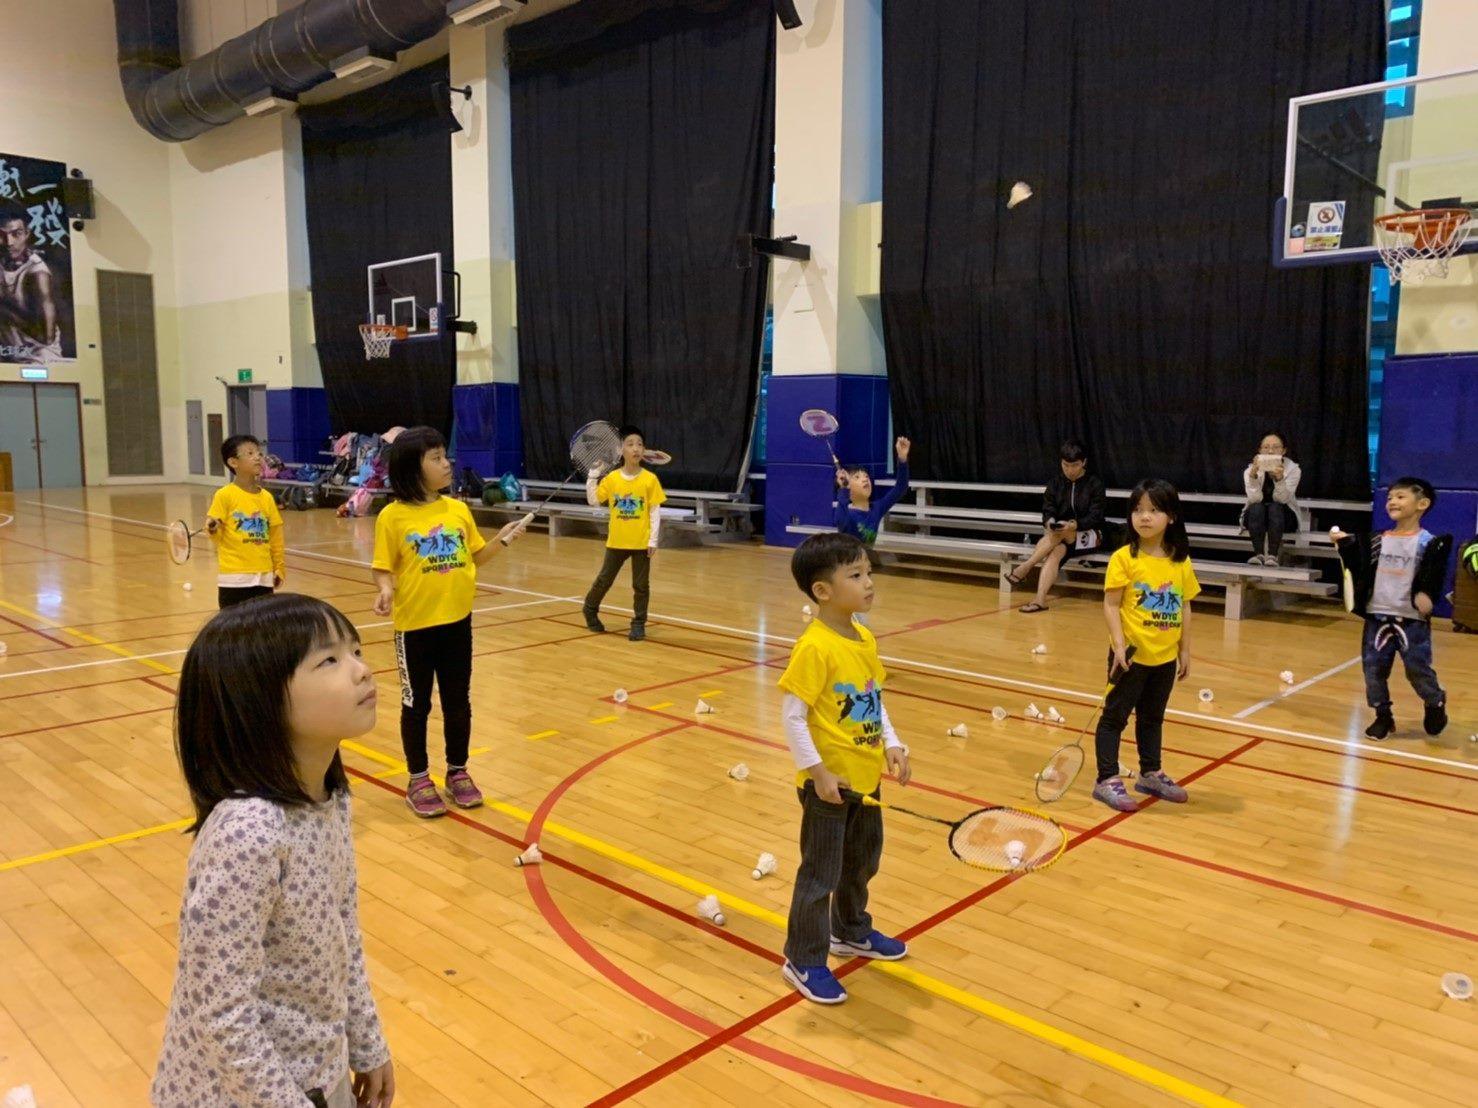 Kids attending sports summer camp